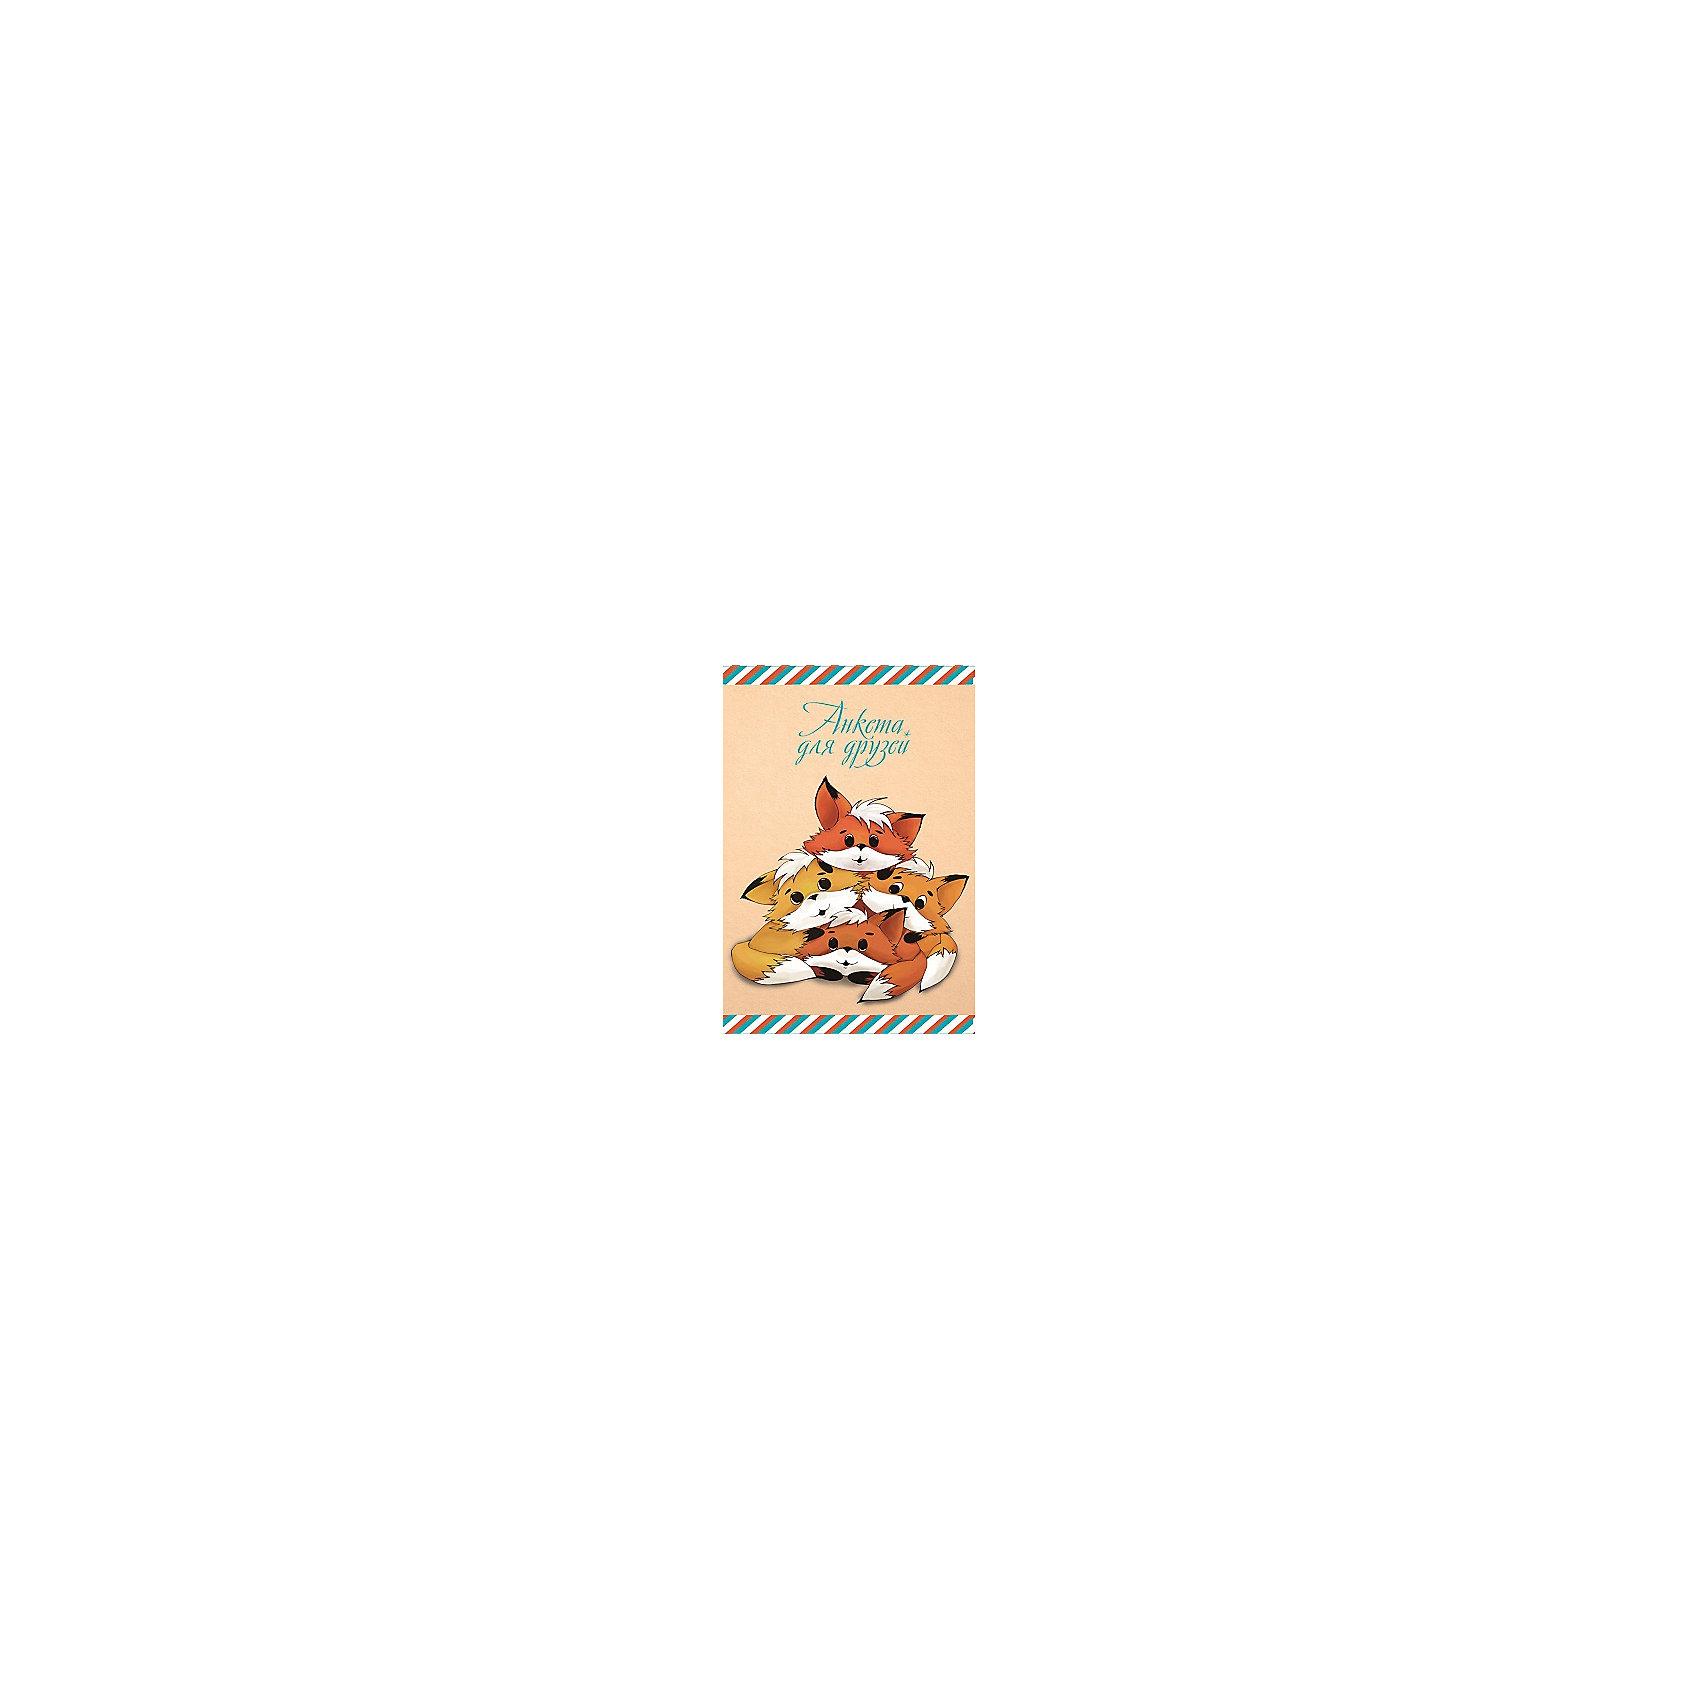 Анкета для друзей ЛисятаКрасочный и очень милая дневник-анкета для друзей точно понравится Вашей малышке!<br>Ведь в нее можно записывать все самое сокровенное, а так же хранить контакты и адреса самых близких.<br><br>Дополнительная информация:<br><br>- Возраст: от 6 лет.<br>- Издательство: Феникс.<br>- 256 страниц.<br>- Переплет: твердый.<br>- ISBN: 4606008349699.<br>- Размер упаковки: 20,5х14,5х1,5 см.<br>- Вес в упаковке: 351 г. <br><br>Купить анкету для друзей Лисята можно в нашем магазине.<br><br>Ширина мм: 205<br>Глубина мм: 145<br>Высота мм: 15<br>Вес г: 351<br>Возраст от месяцев: 72<br>Возраст до месяцев: 2147483647<br>Пол: Унисекс<br>Возраст: Детский<br>SKU: 4943424